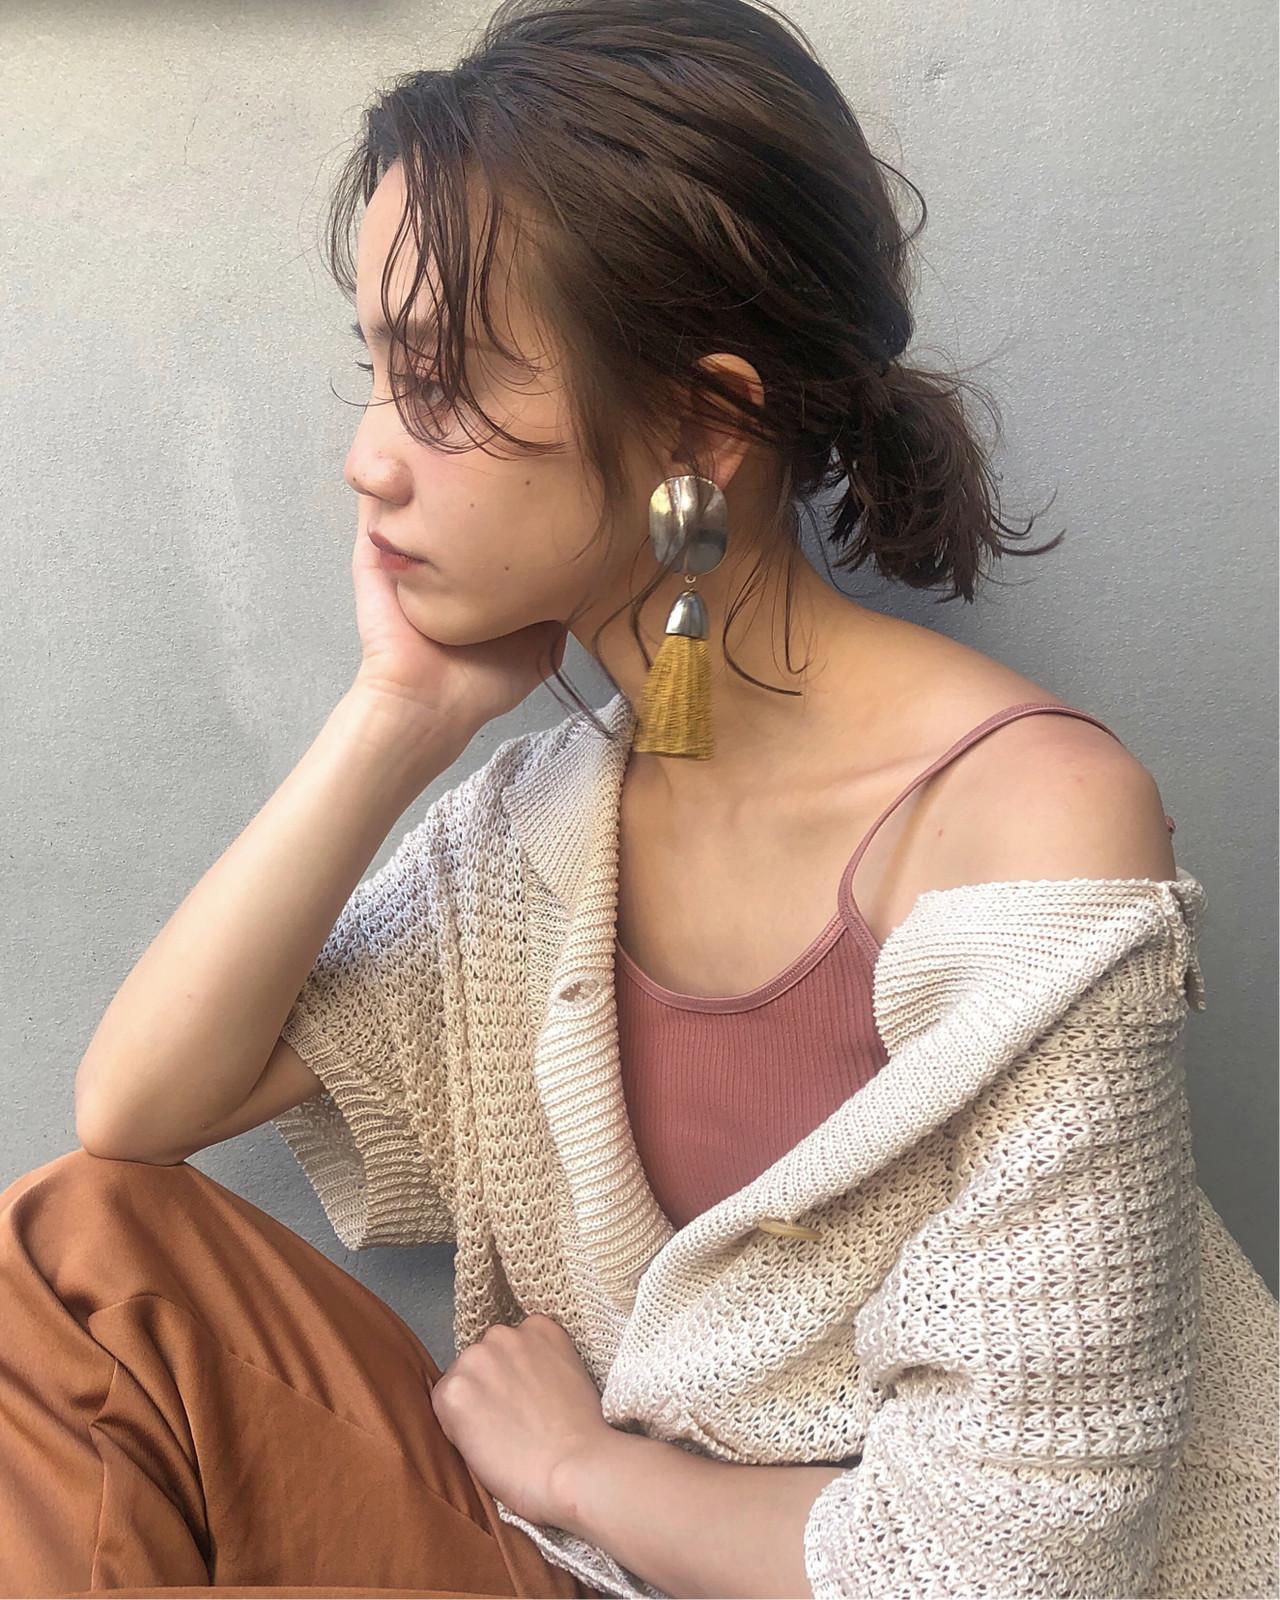 アンニュイが素敵♡デート用のミニポニー♡ 藤田成美 / oli